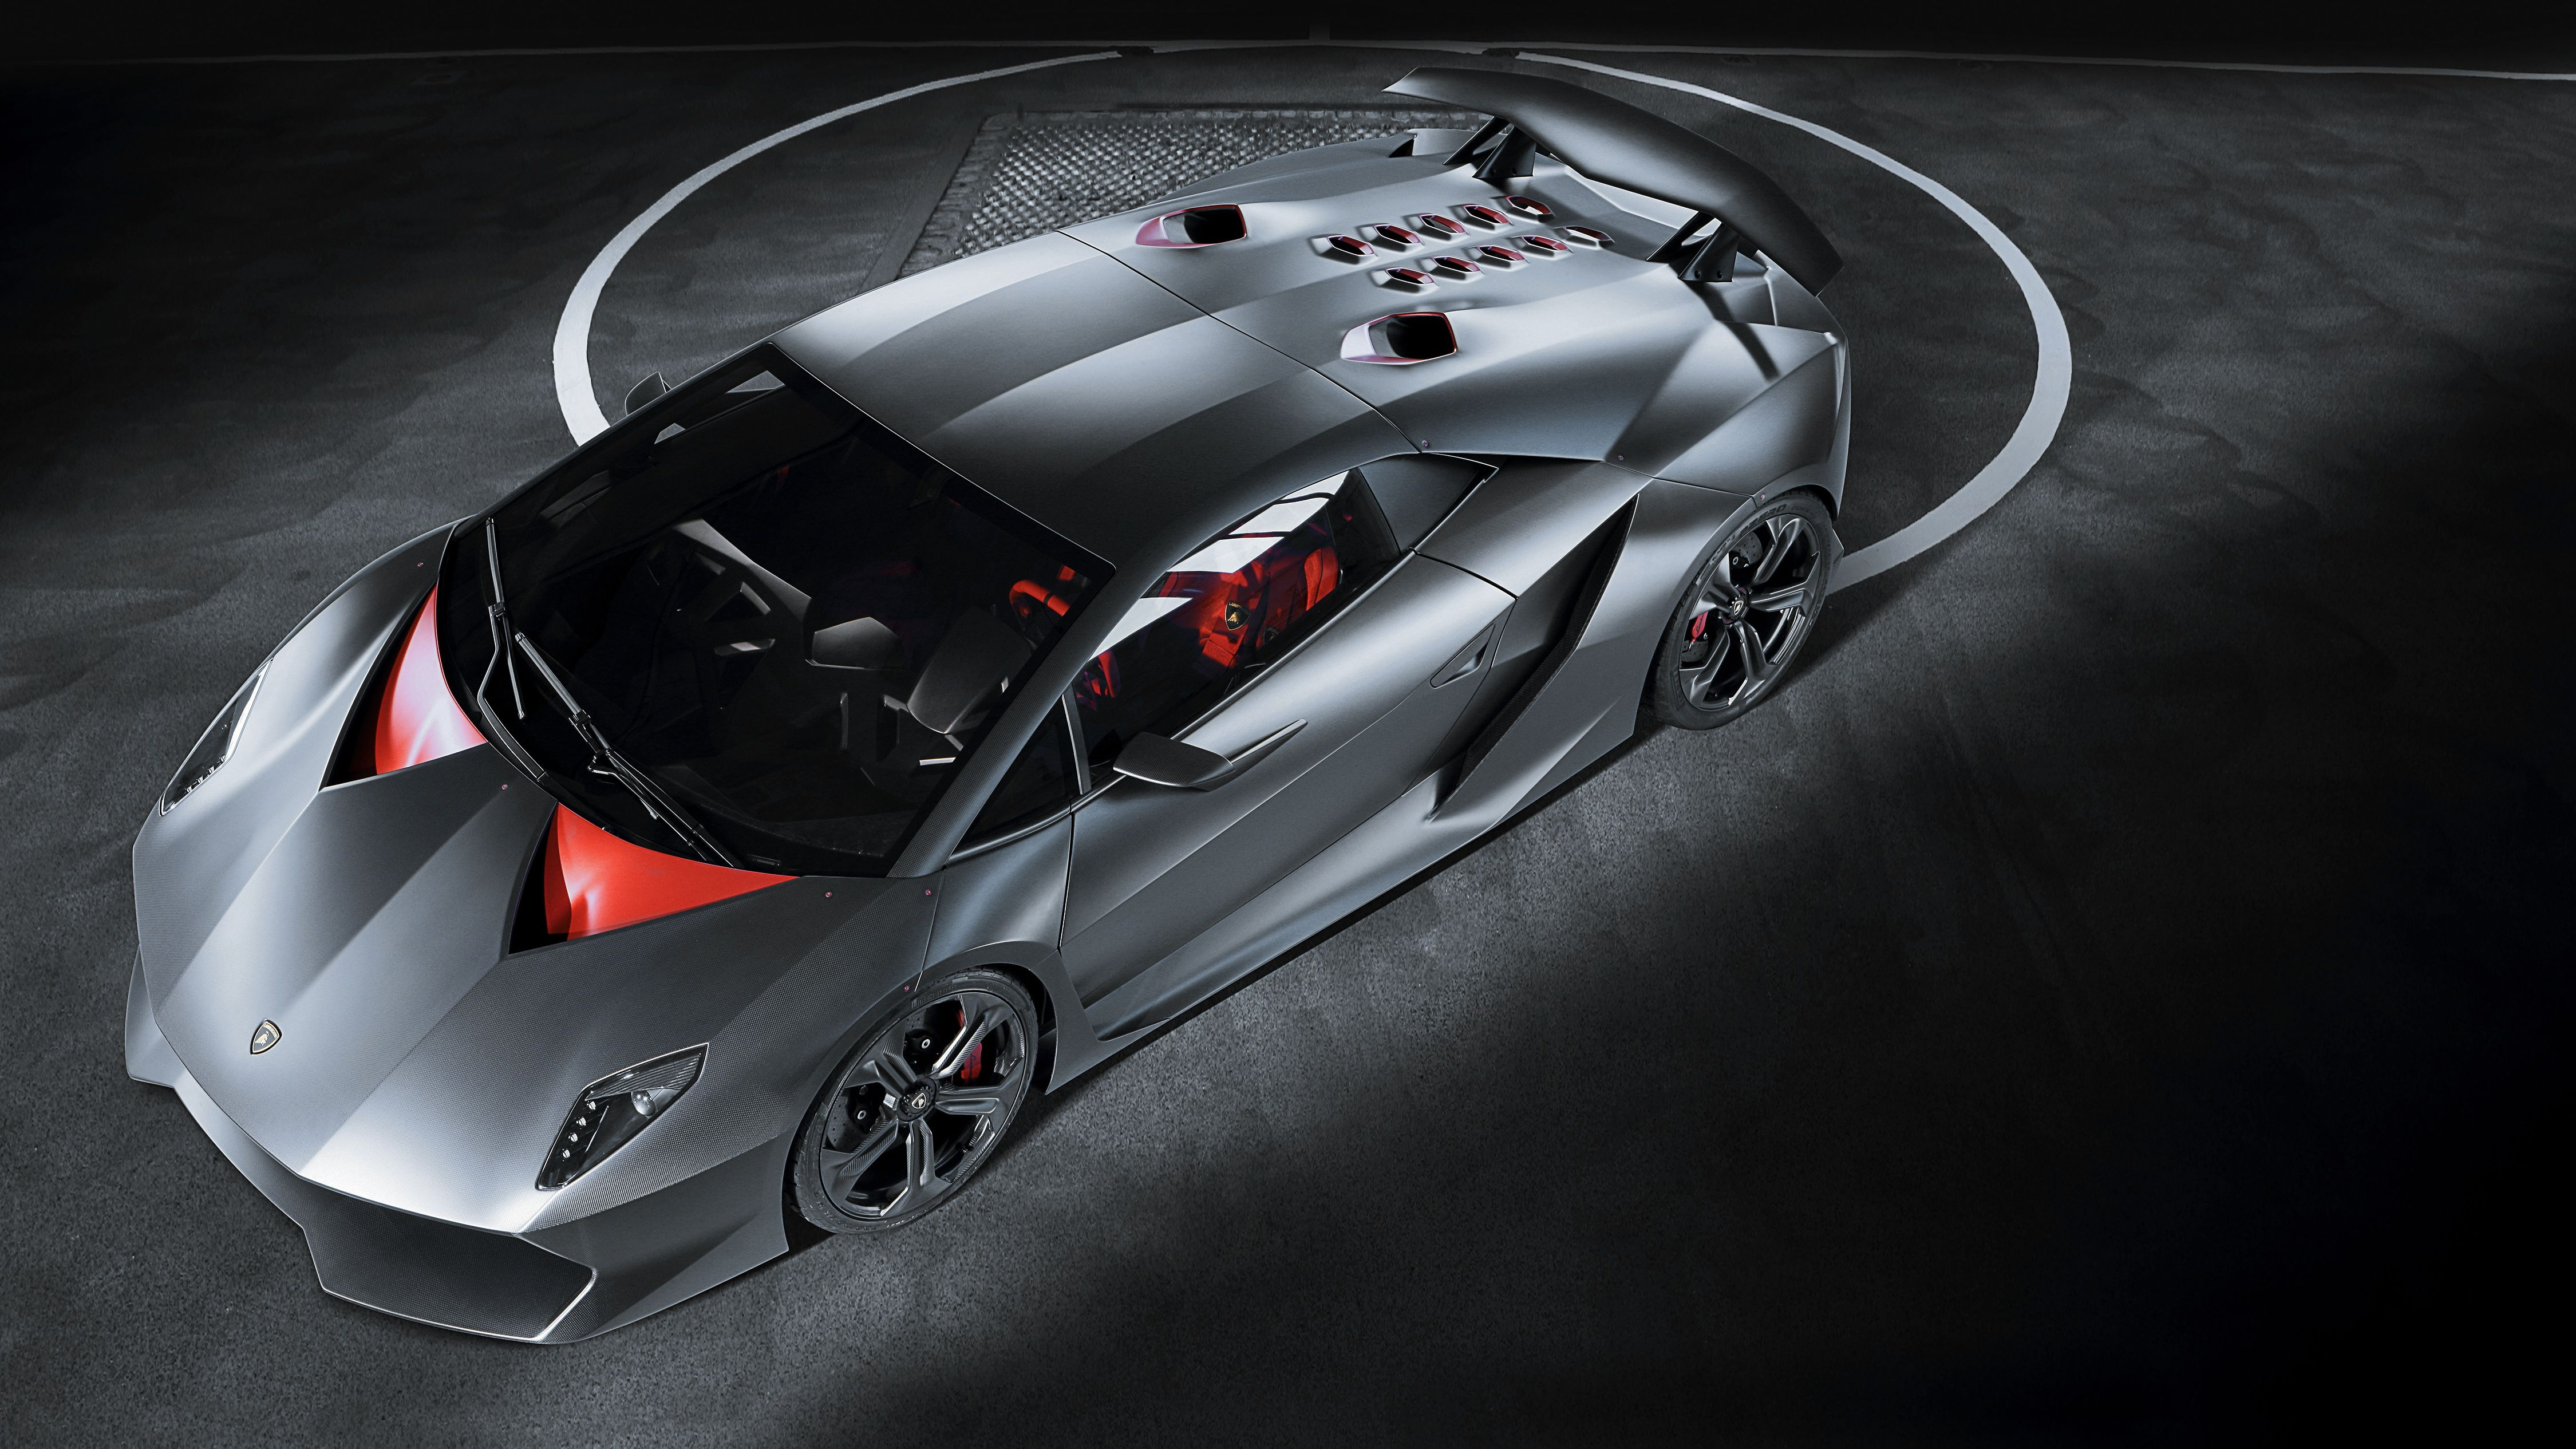 Exceptional Lamborghini Sesto Elemento Concept 2010 Nice Design